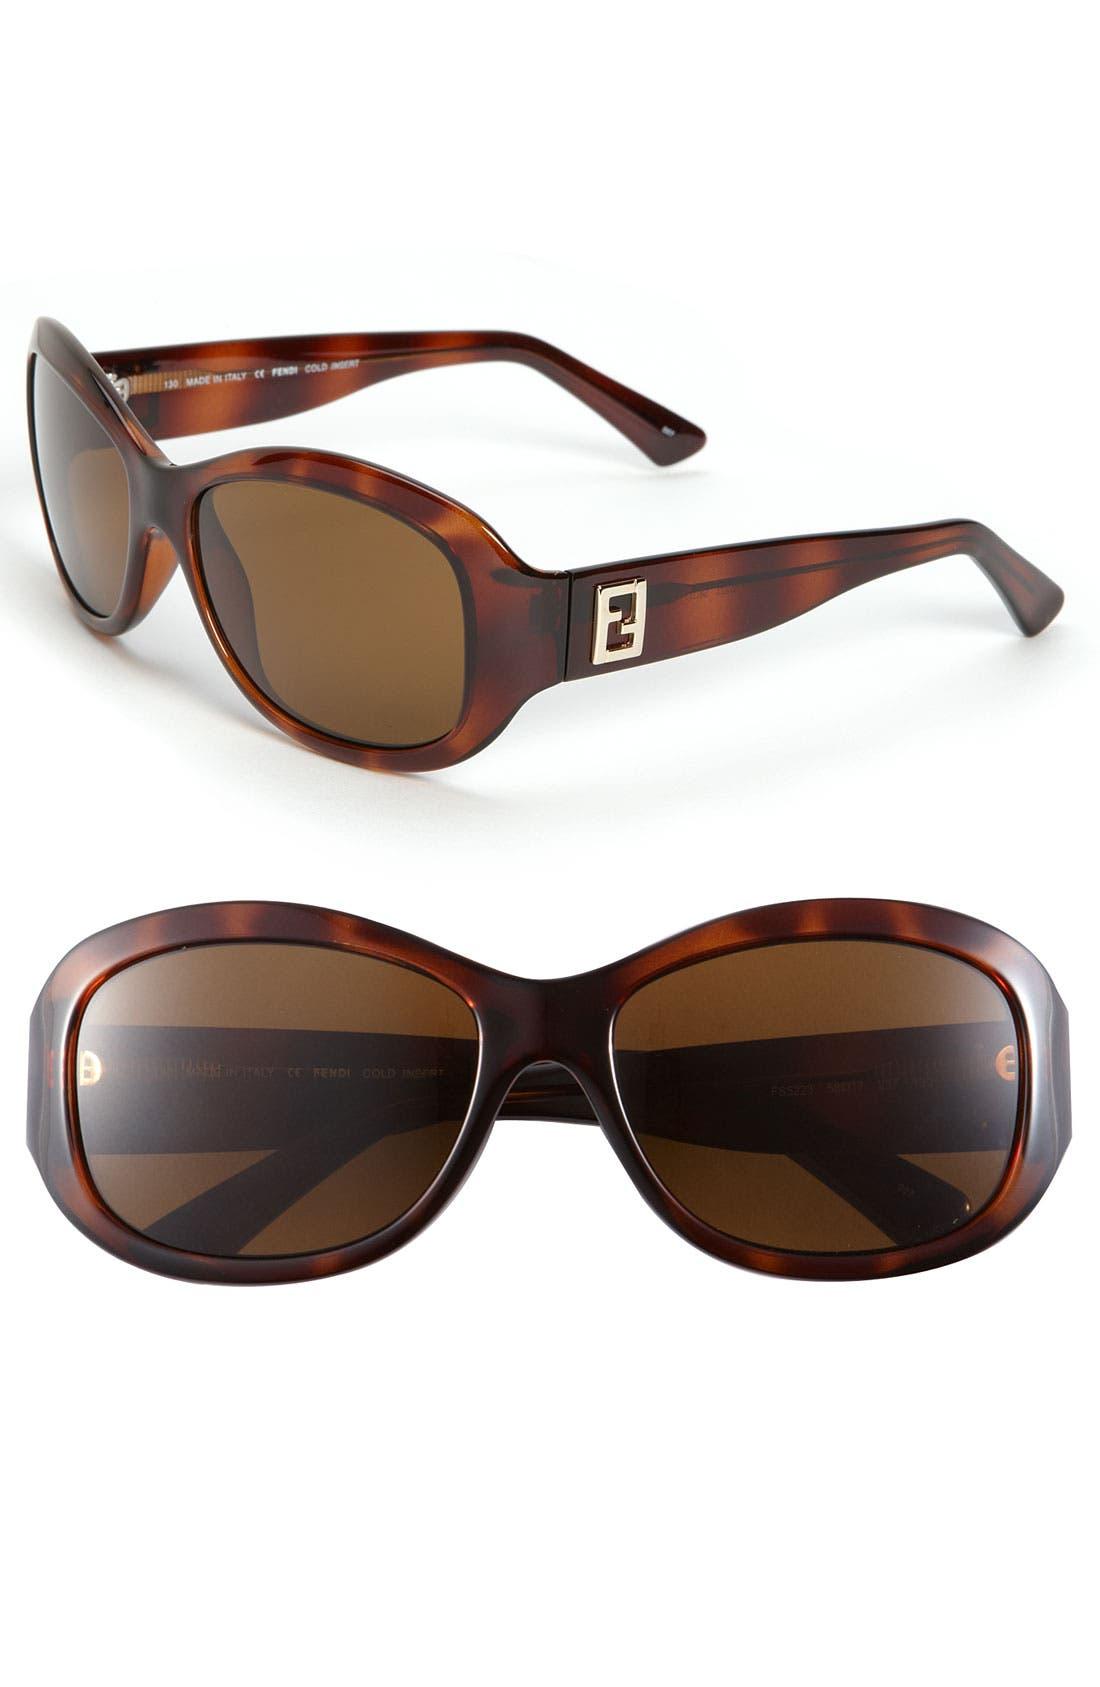 Alternate Image 1 Selected - Fendi Polarized Sunglasses